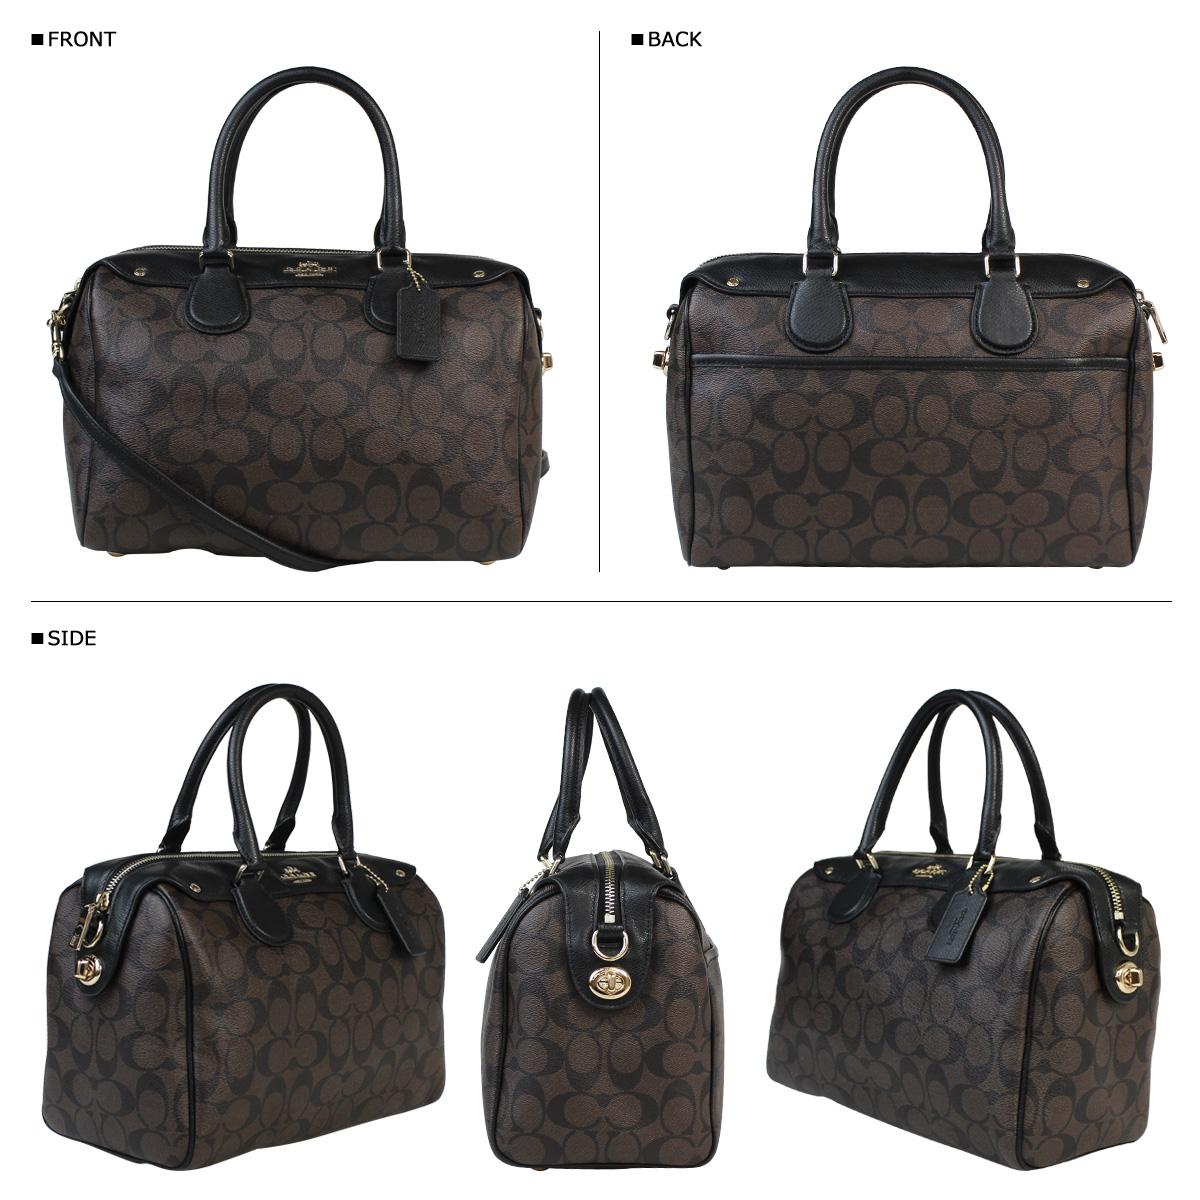 ... leather blush f27598 76109 55caf  czech coach coach womens boston bag  handbag 2 way f 36187 brown x black signature bennett db03fa110ddd3